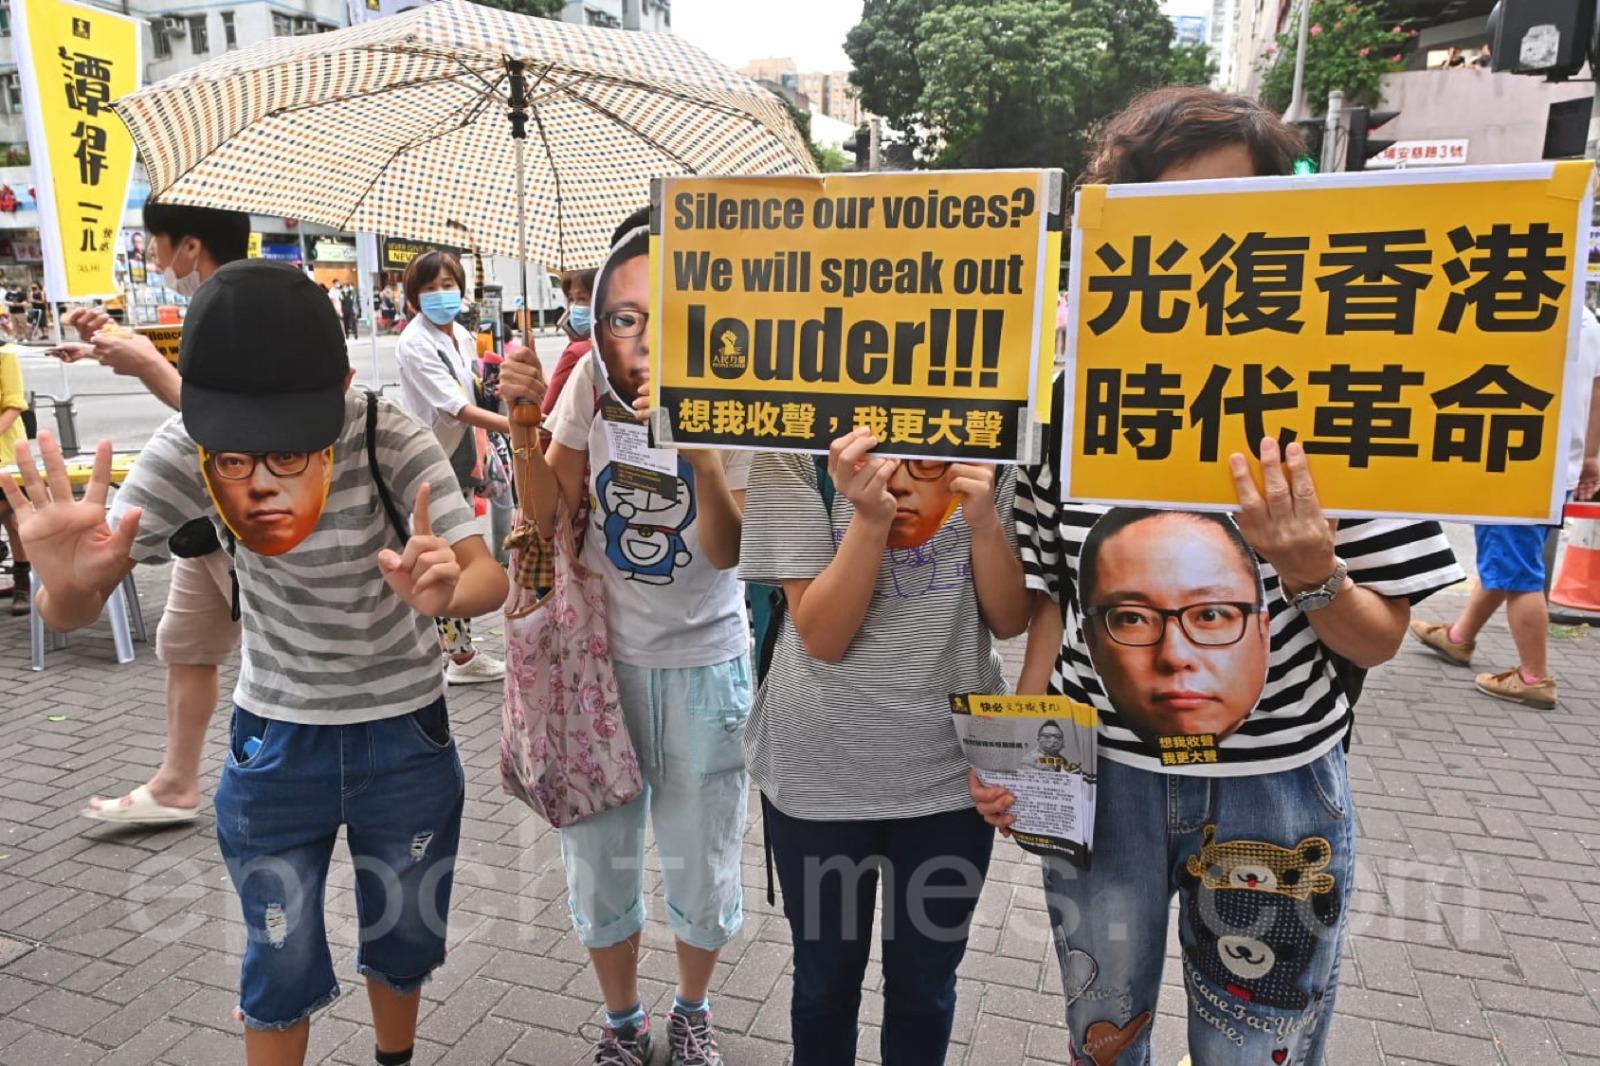 有市民身穿印有「人人都是快必」的上衣,戴上畫有快必的面罩,亦有市民高舉「想我收聲、我更大聲」,「光復香港、時代革命」的標語支持快必。(宋碧龍/大紀元)